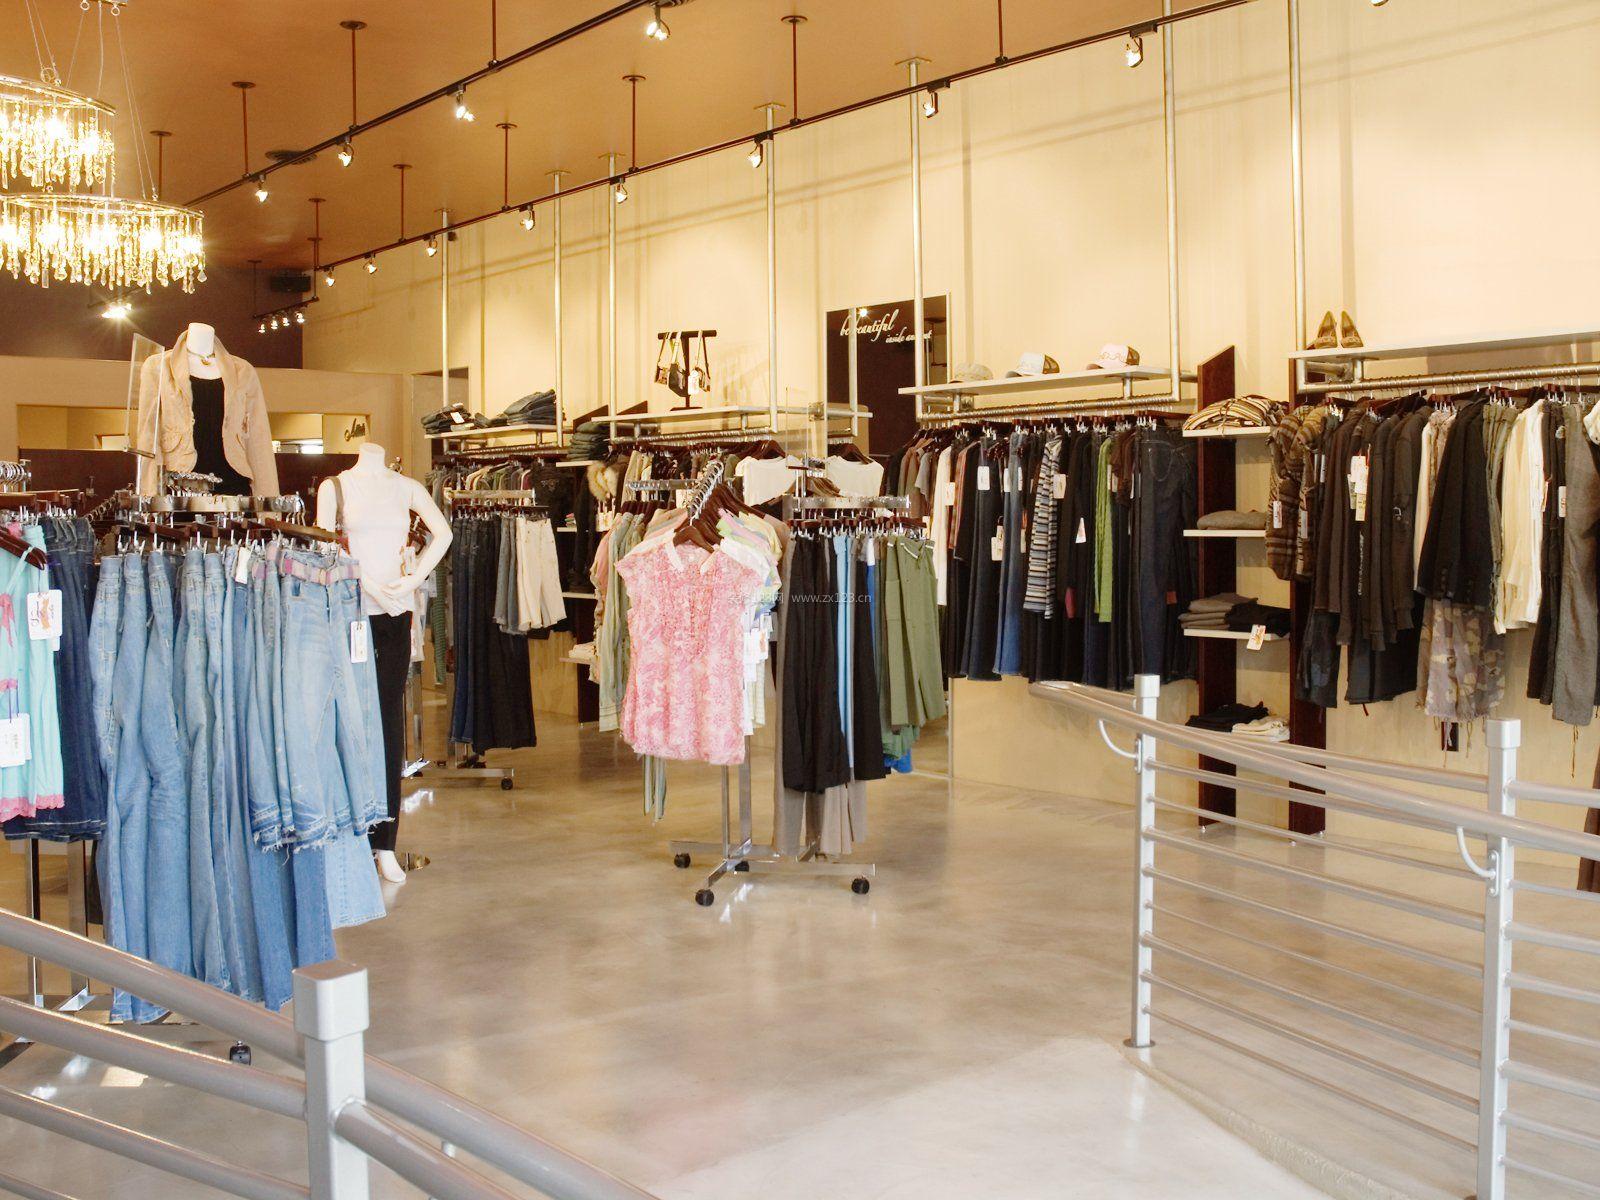 不仅产品要好看,整个服装店的装修效果也是非常重要的,服装店的风格